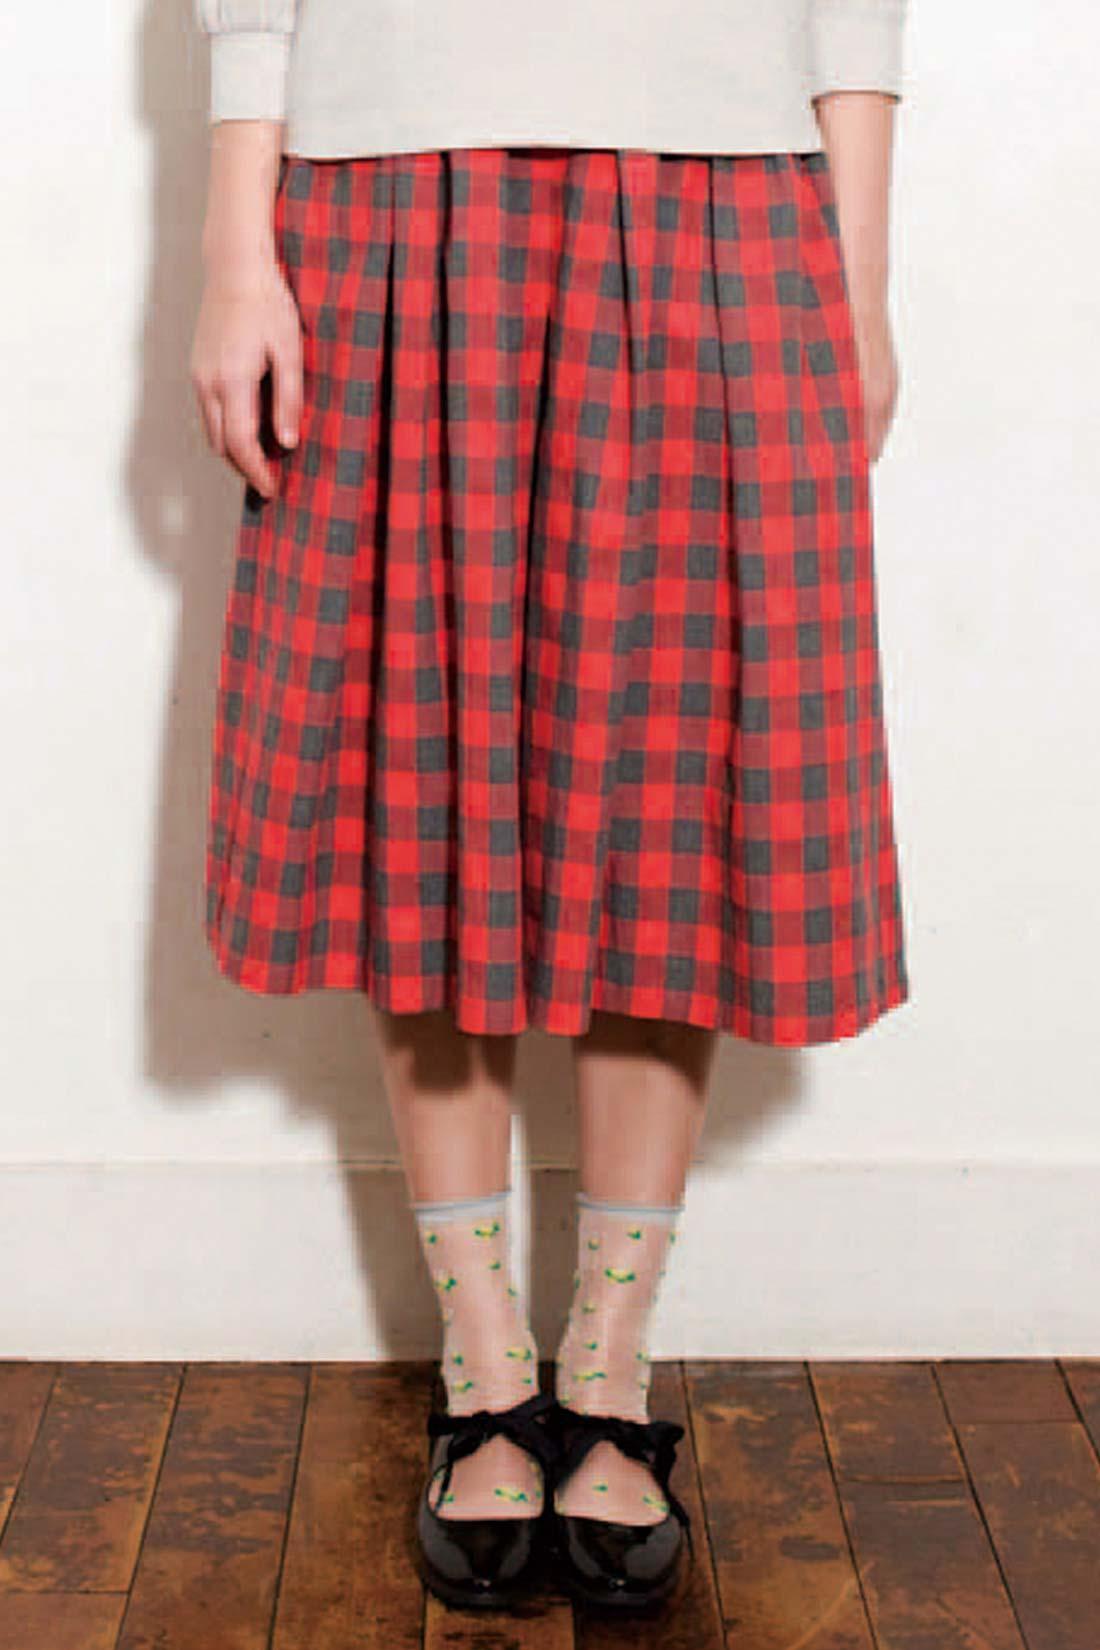 [実は……。]一見スカートに見えるけど、ガウチョパンツ! おてんばさんにはうれしい限り。 ※着用イメージです。お届けするカラーとは異なります。